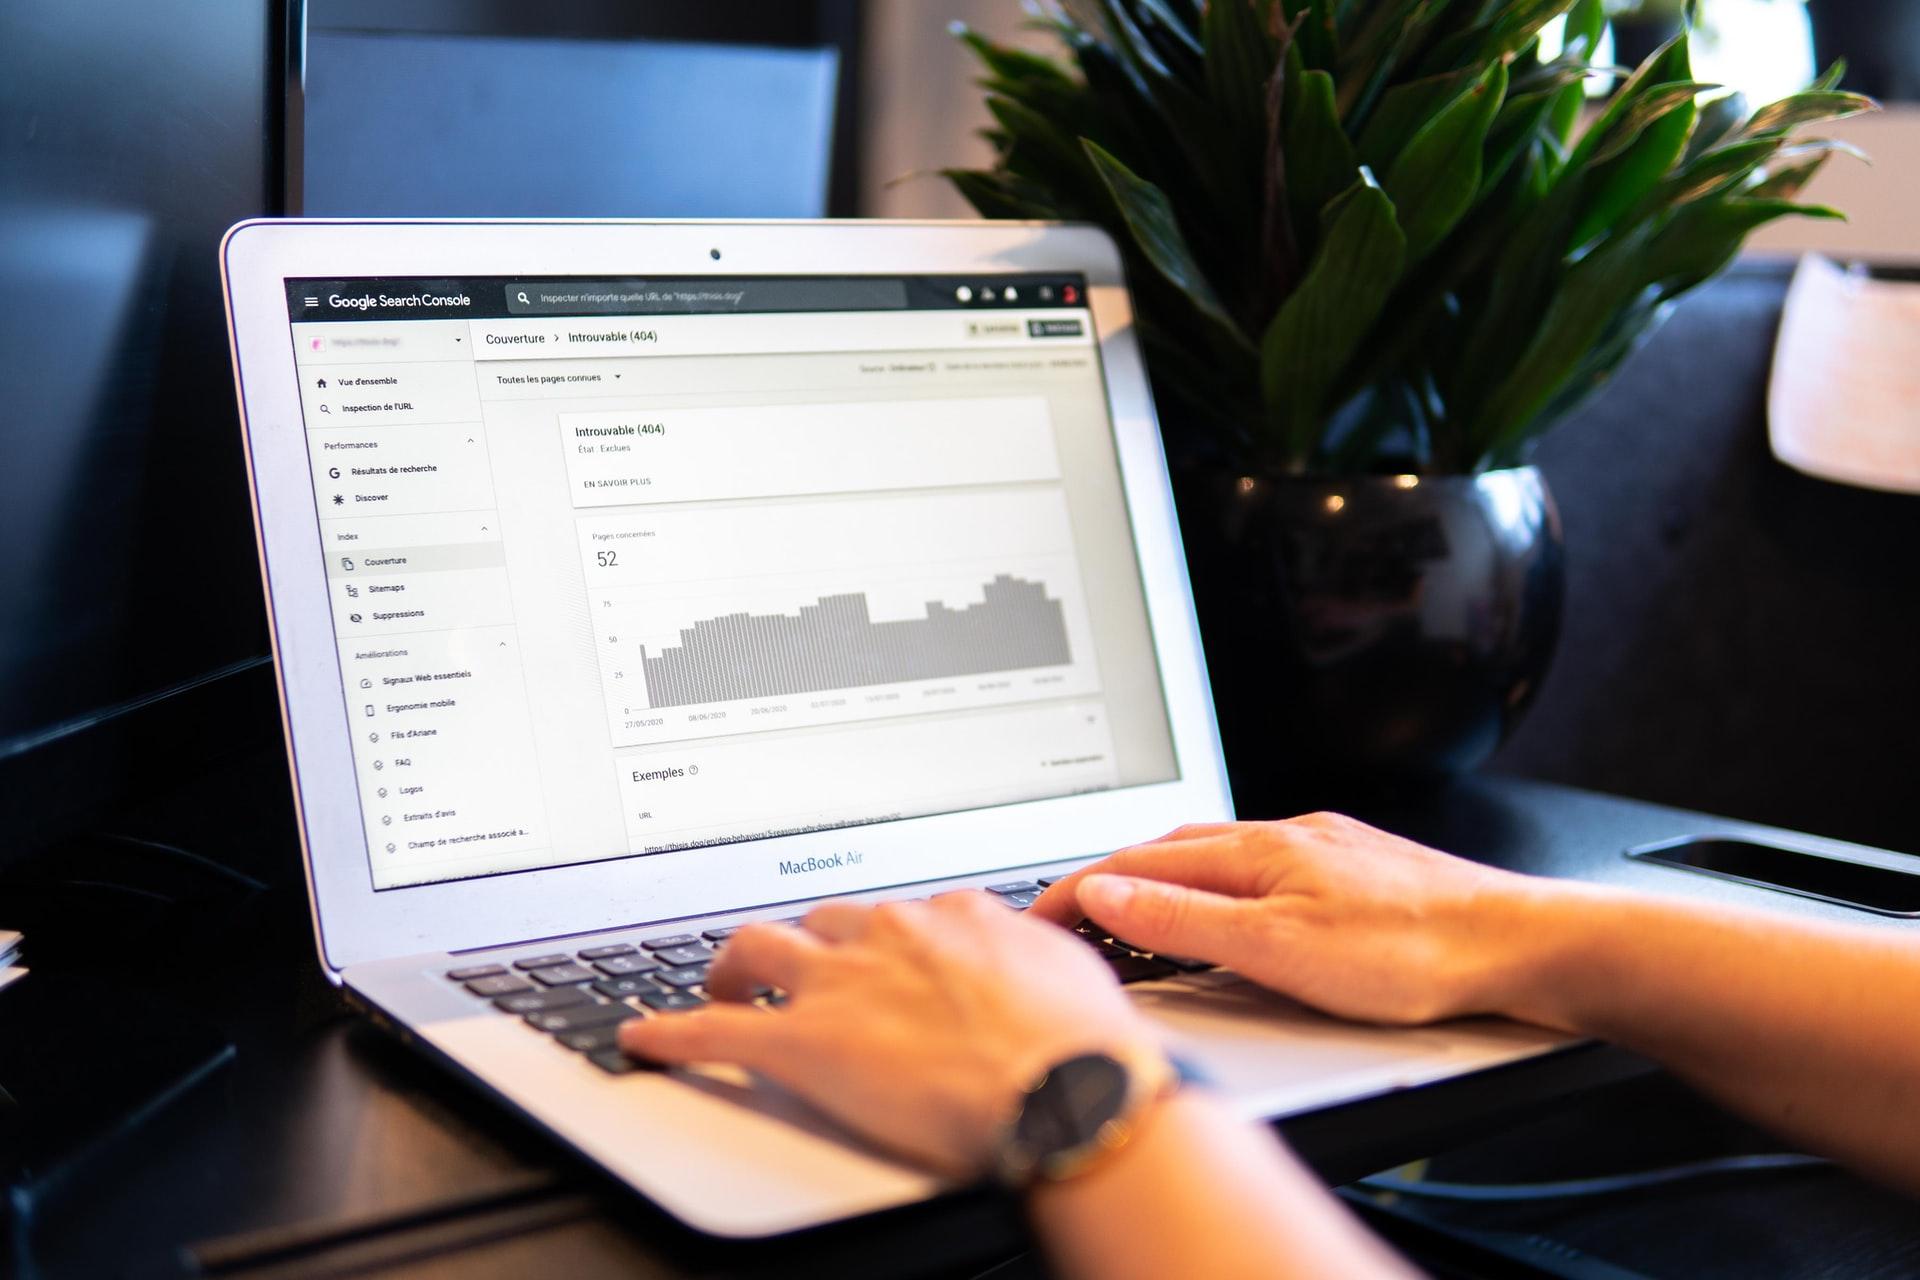 6 Mẹo của Google Search Console để tối ưu hóa kết quả tìm kiếm của bạn